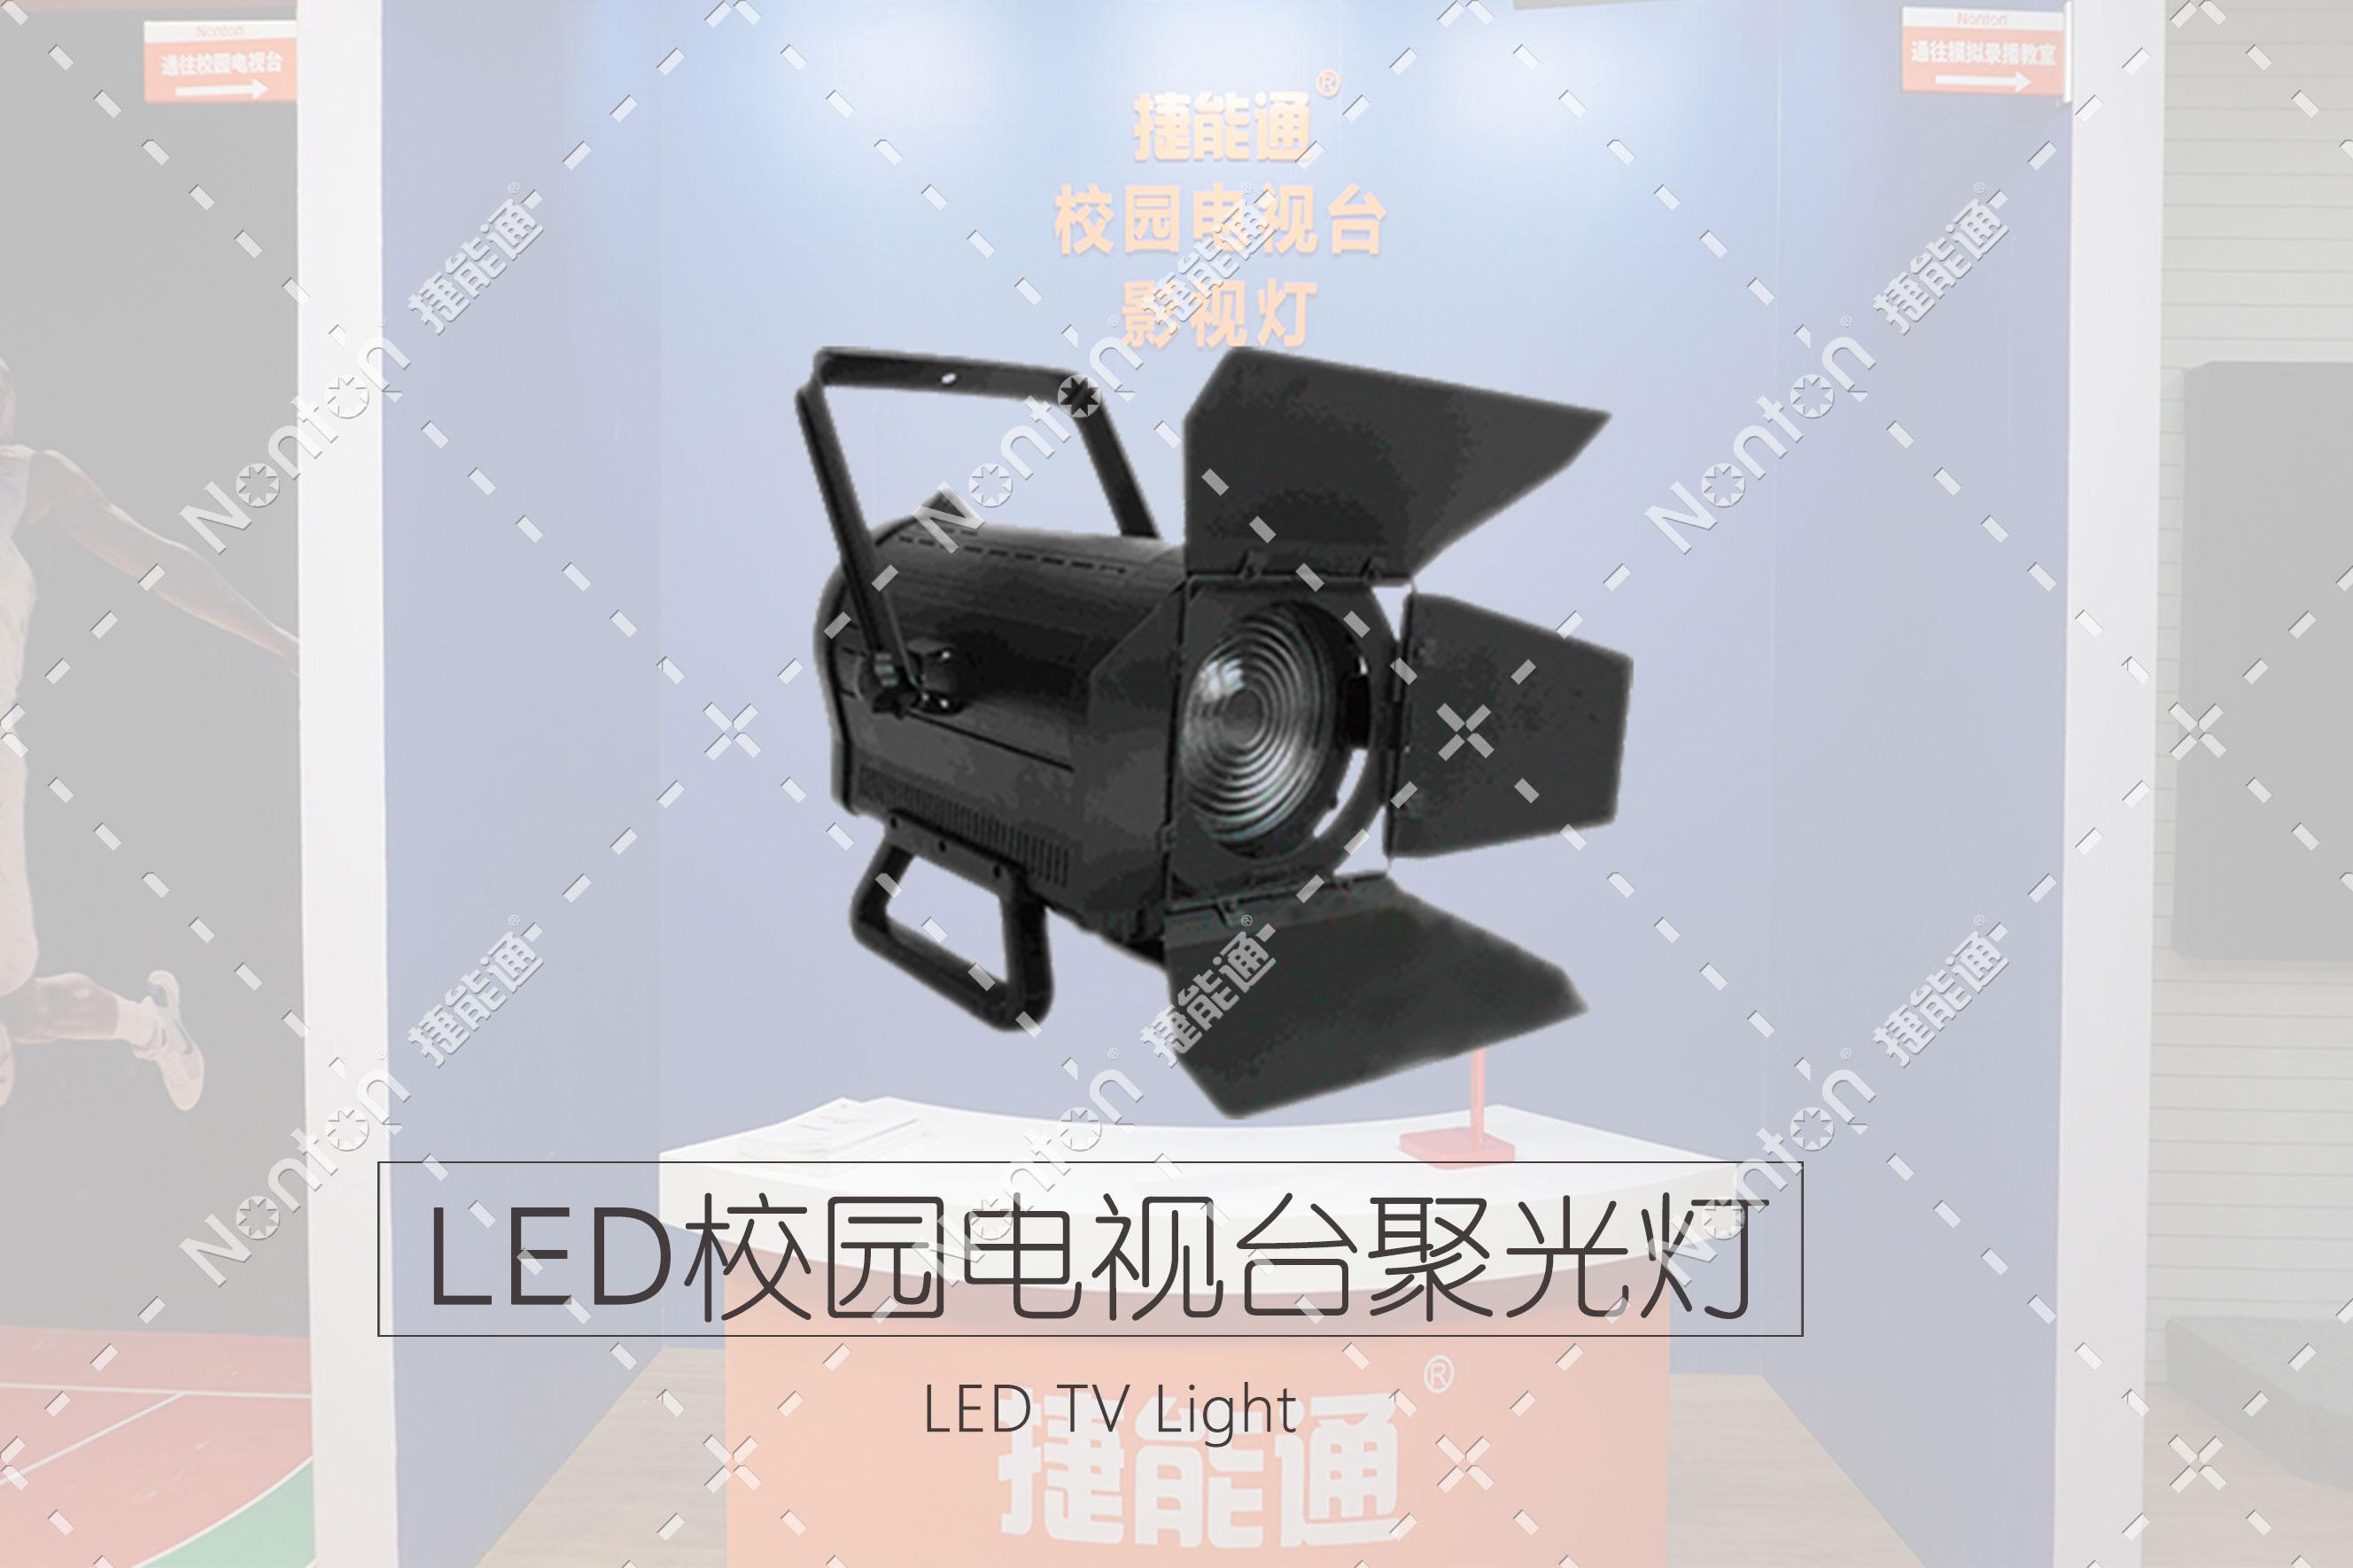 校園電視臺 LED聚光燈